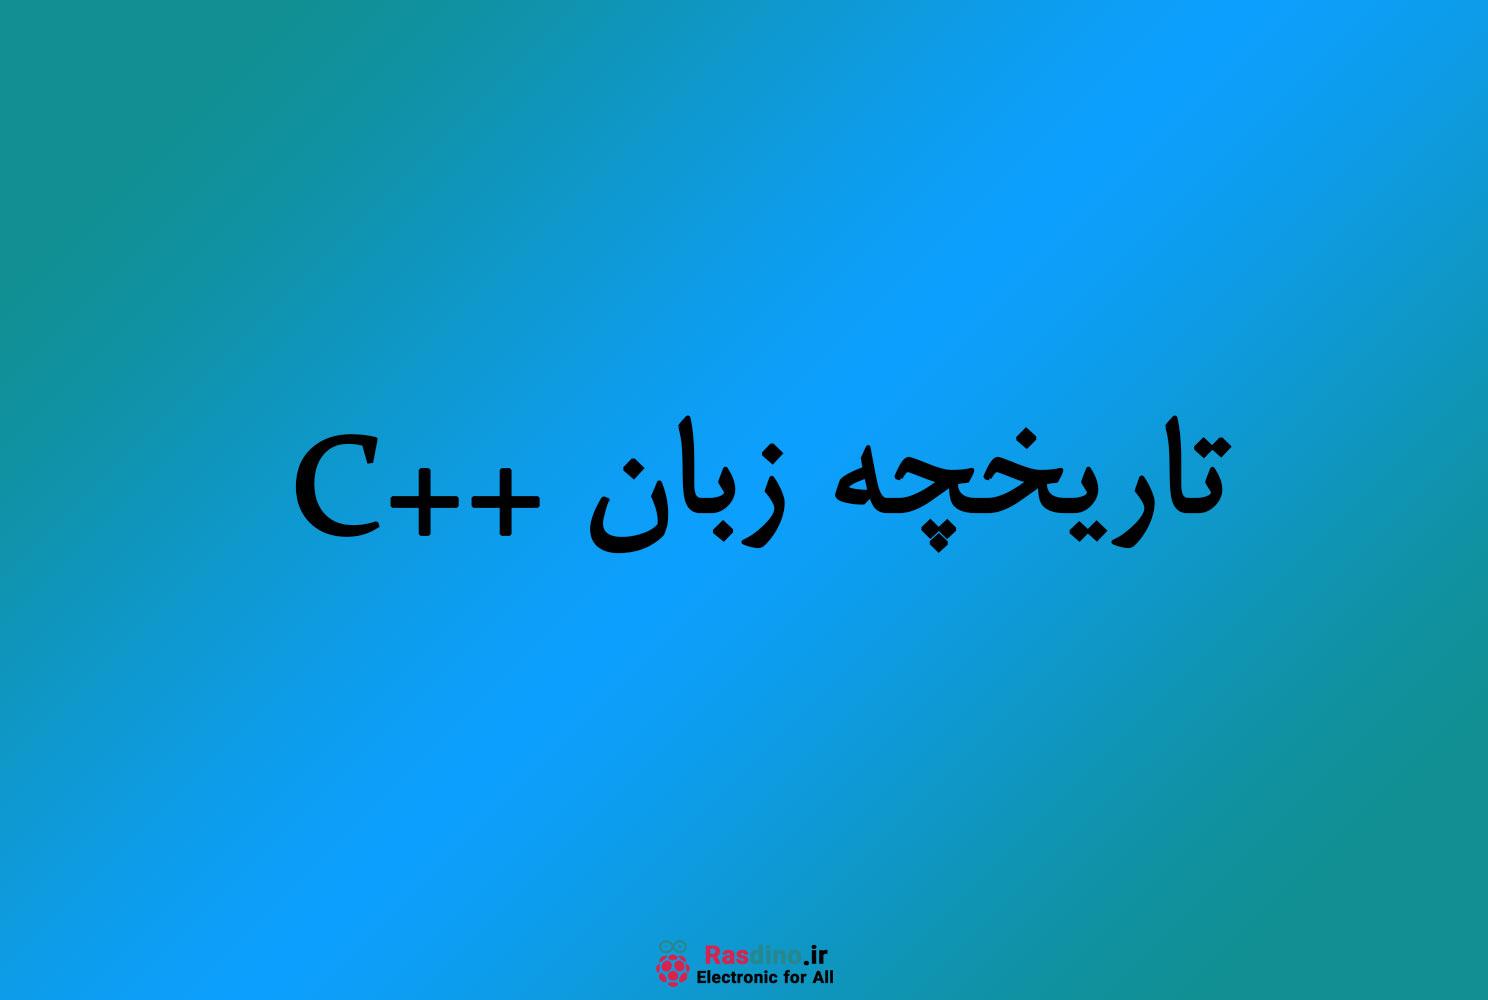 اطلاعات زبان سی